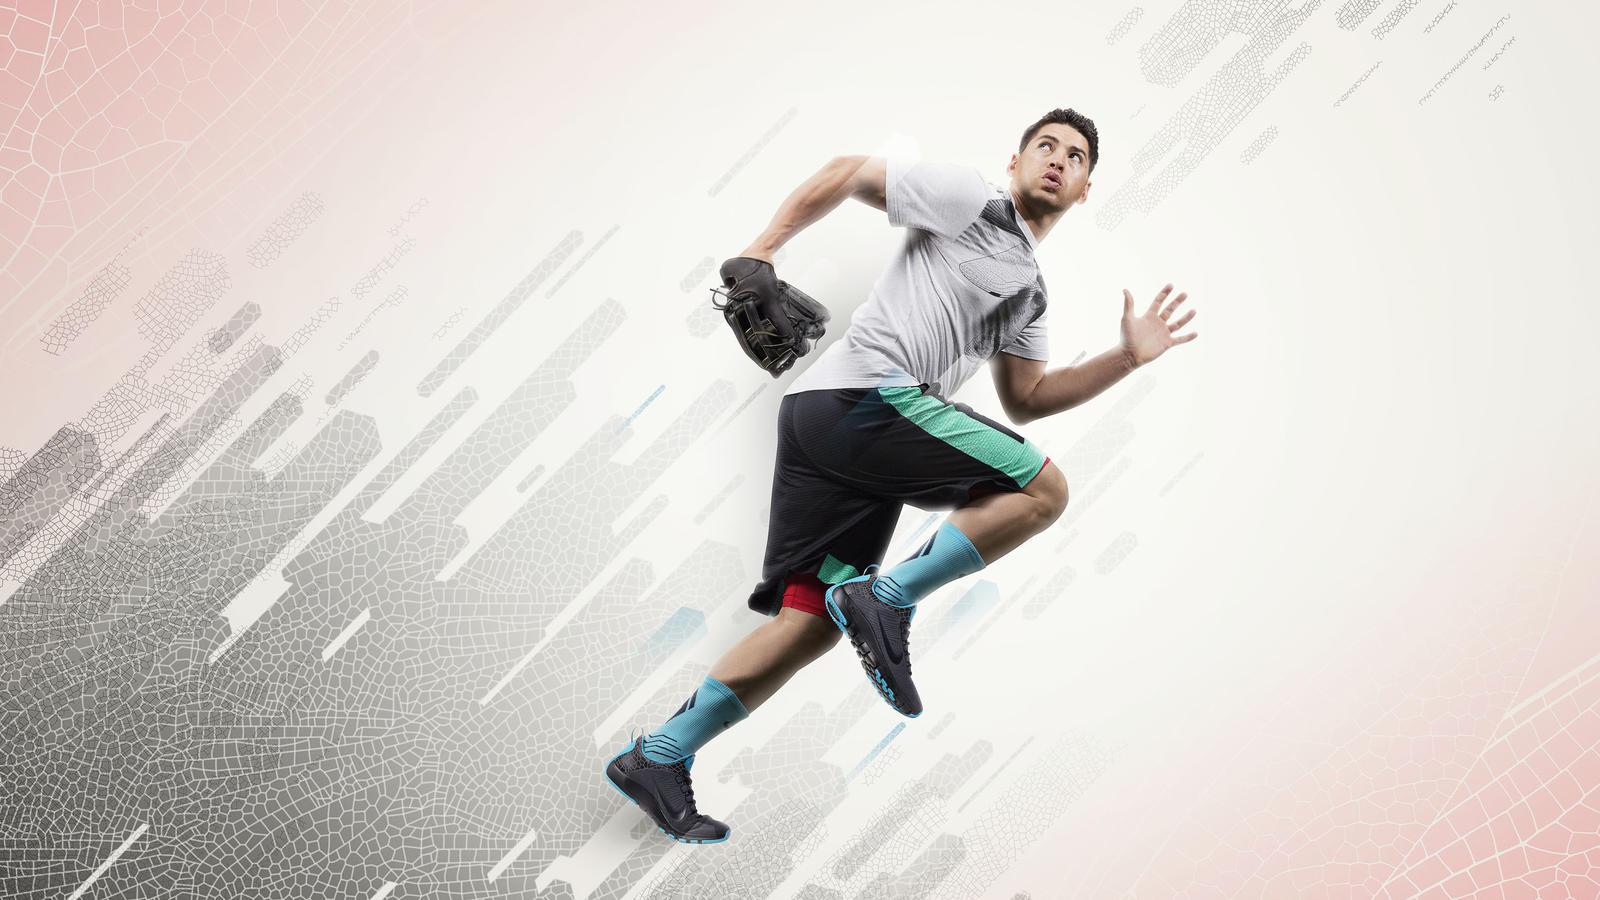 Sp15_Nike_N7_Athlete_Hero_JEllsbury_Working